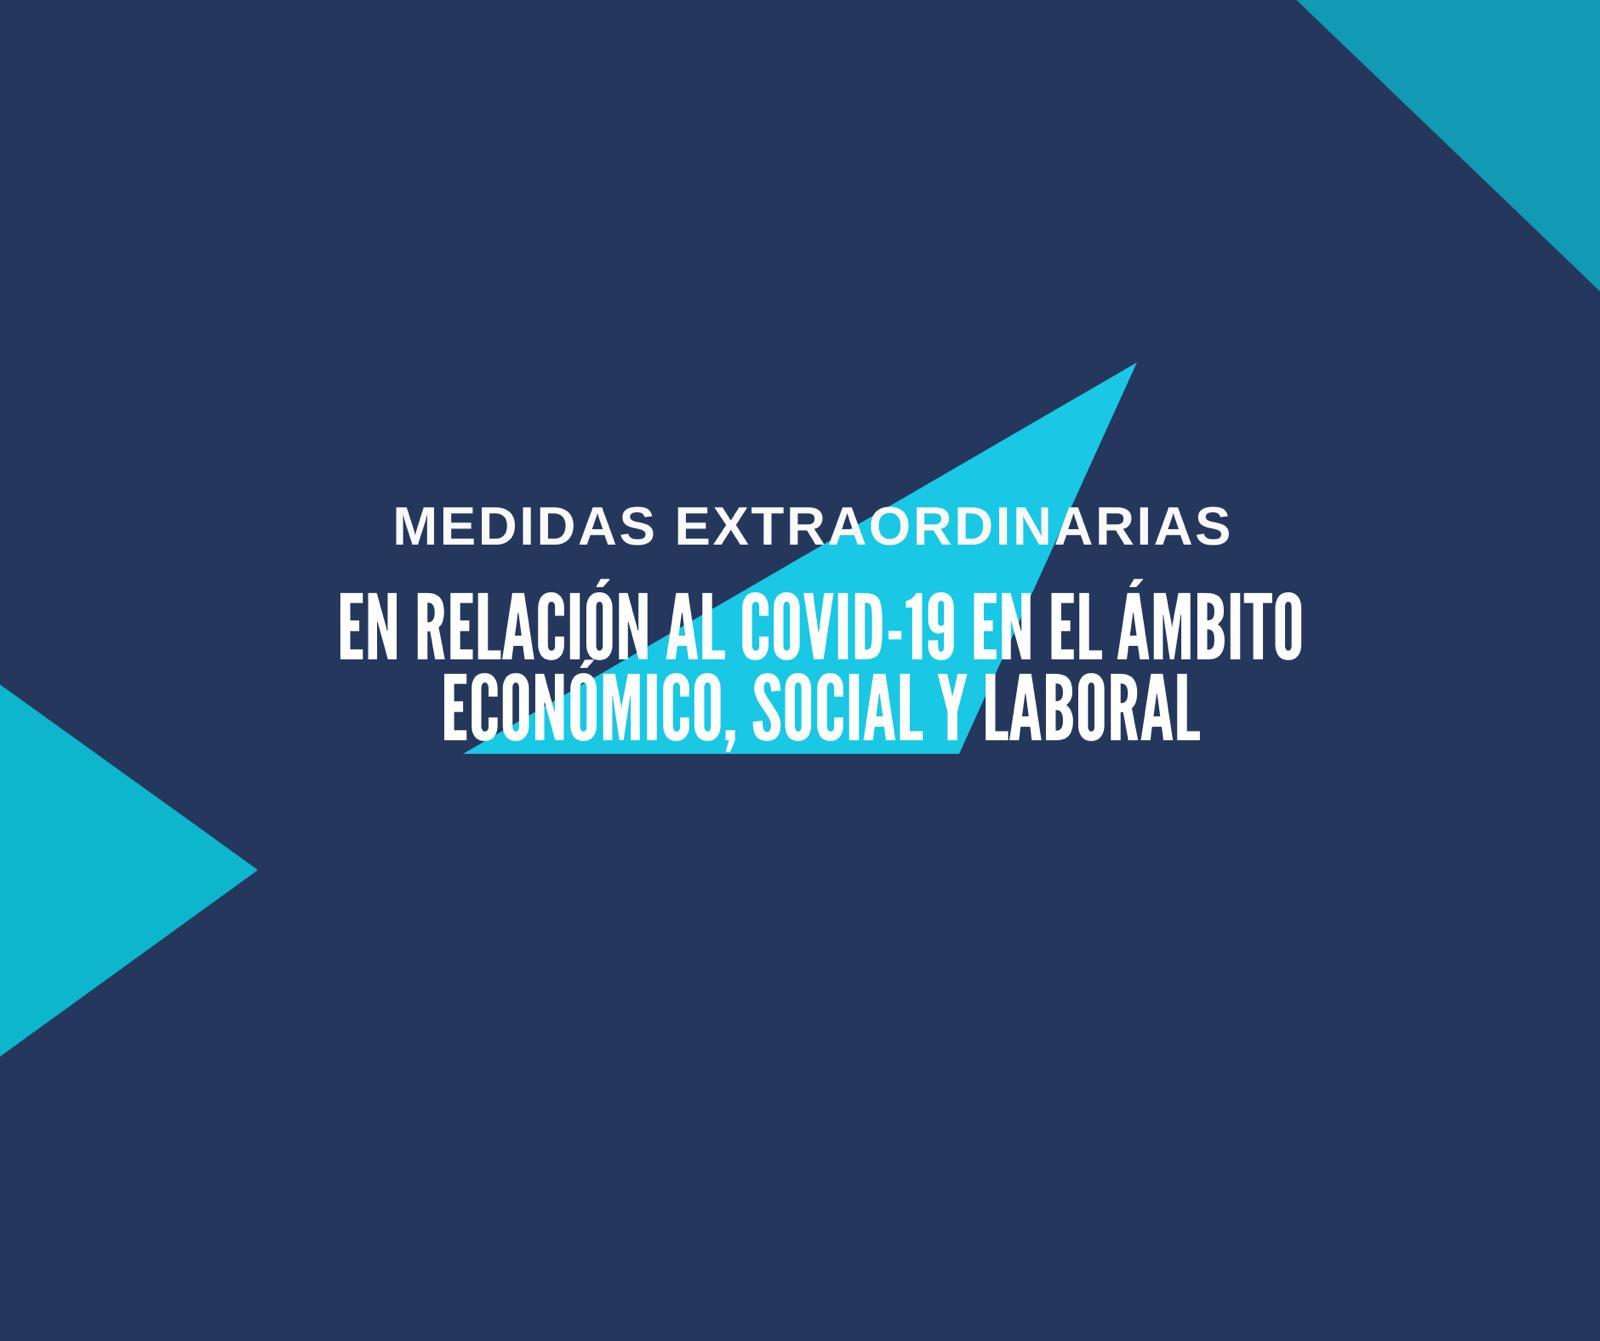 Medidas económicas COVID-19: Resumen Medidas Económicas, Sociales y Laborales